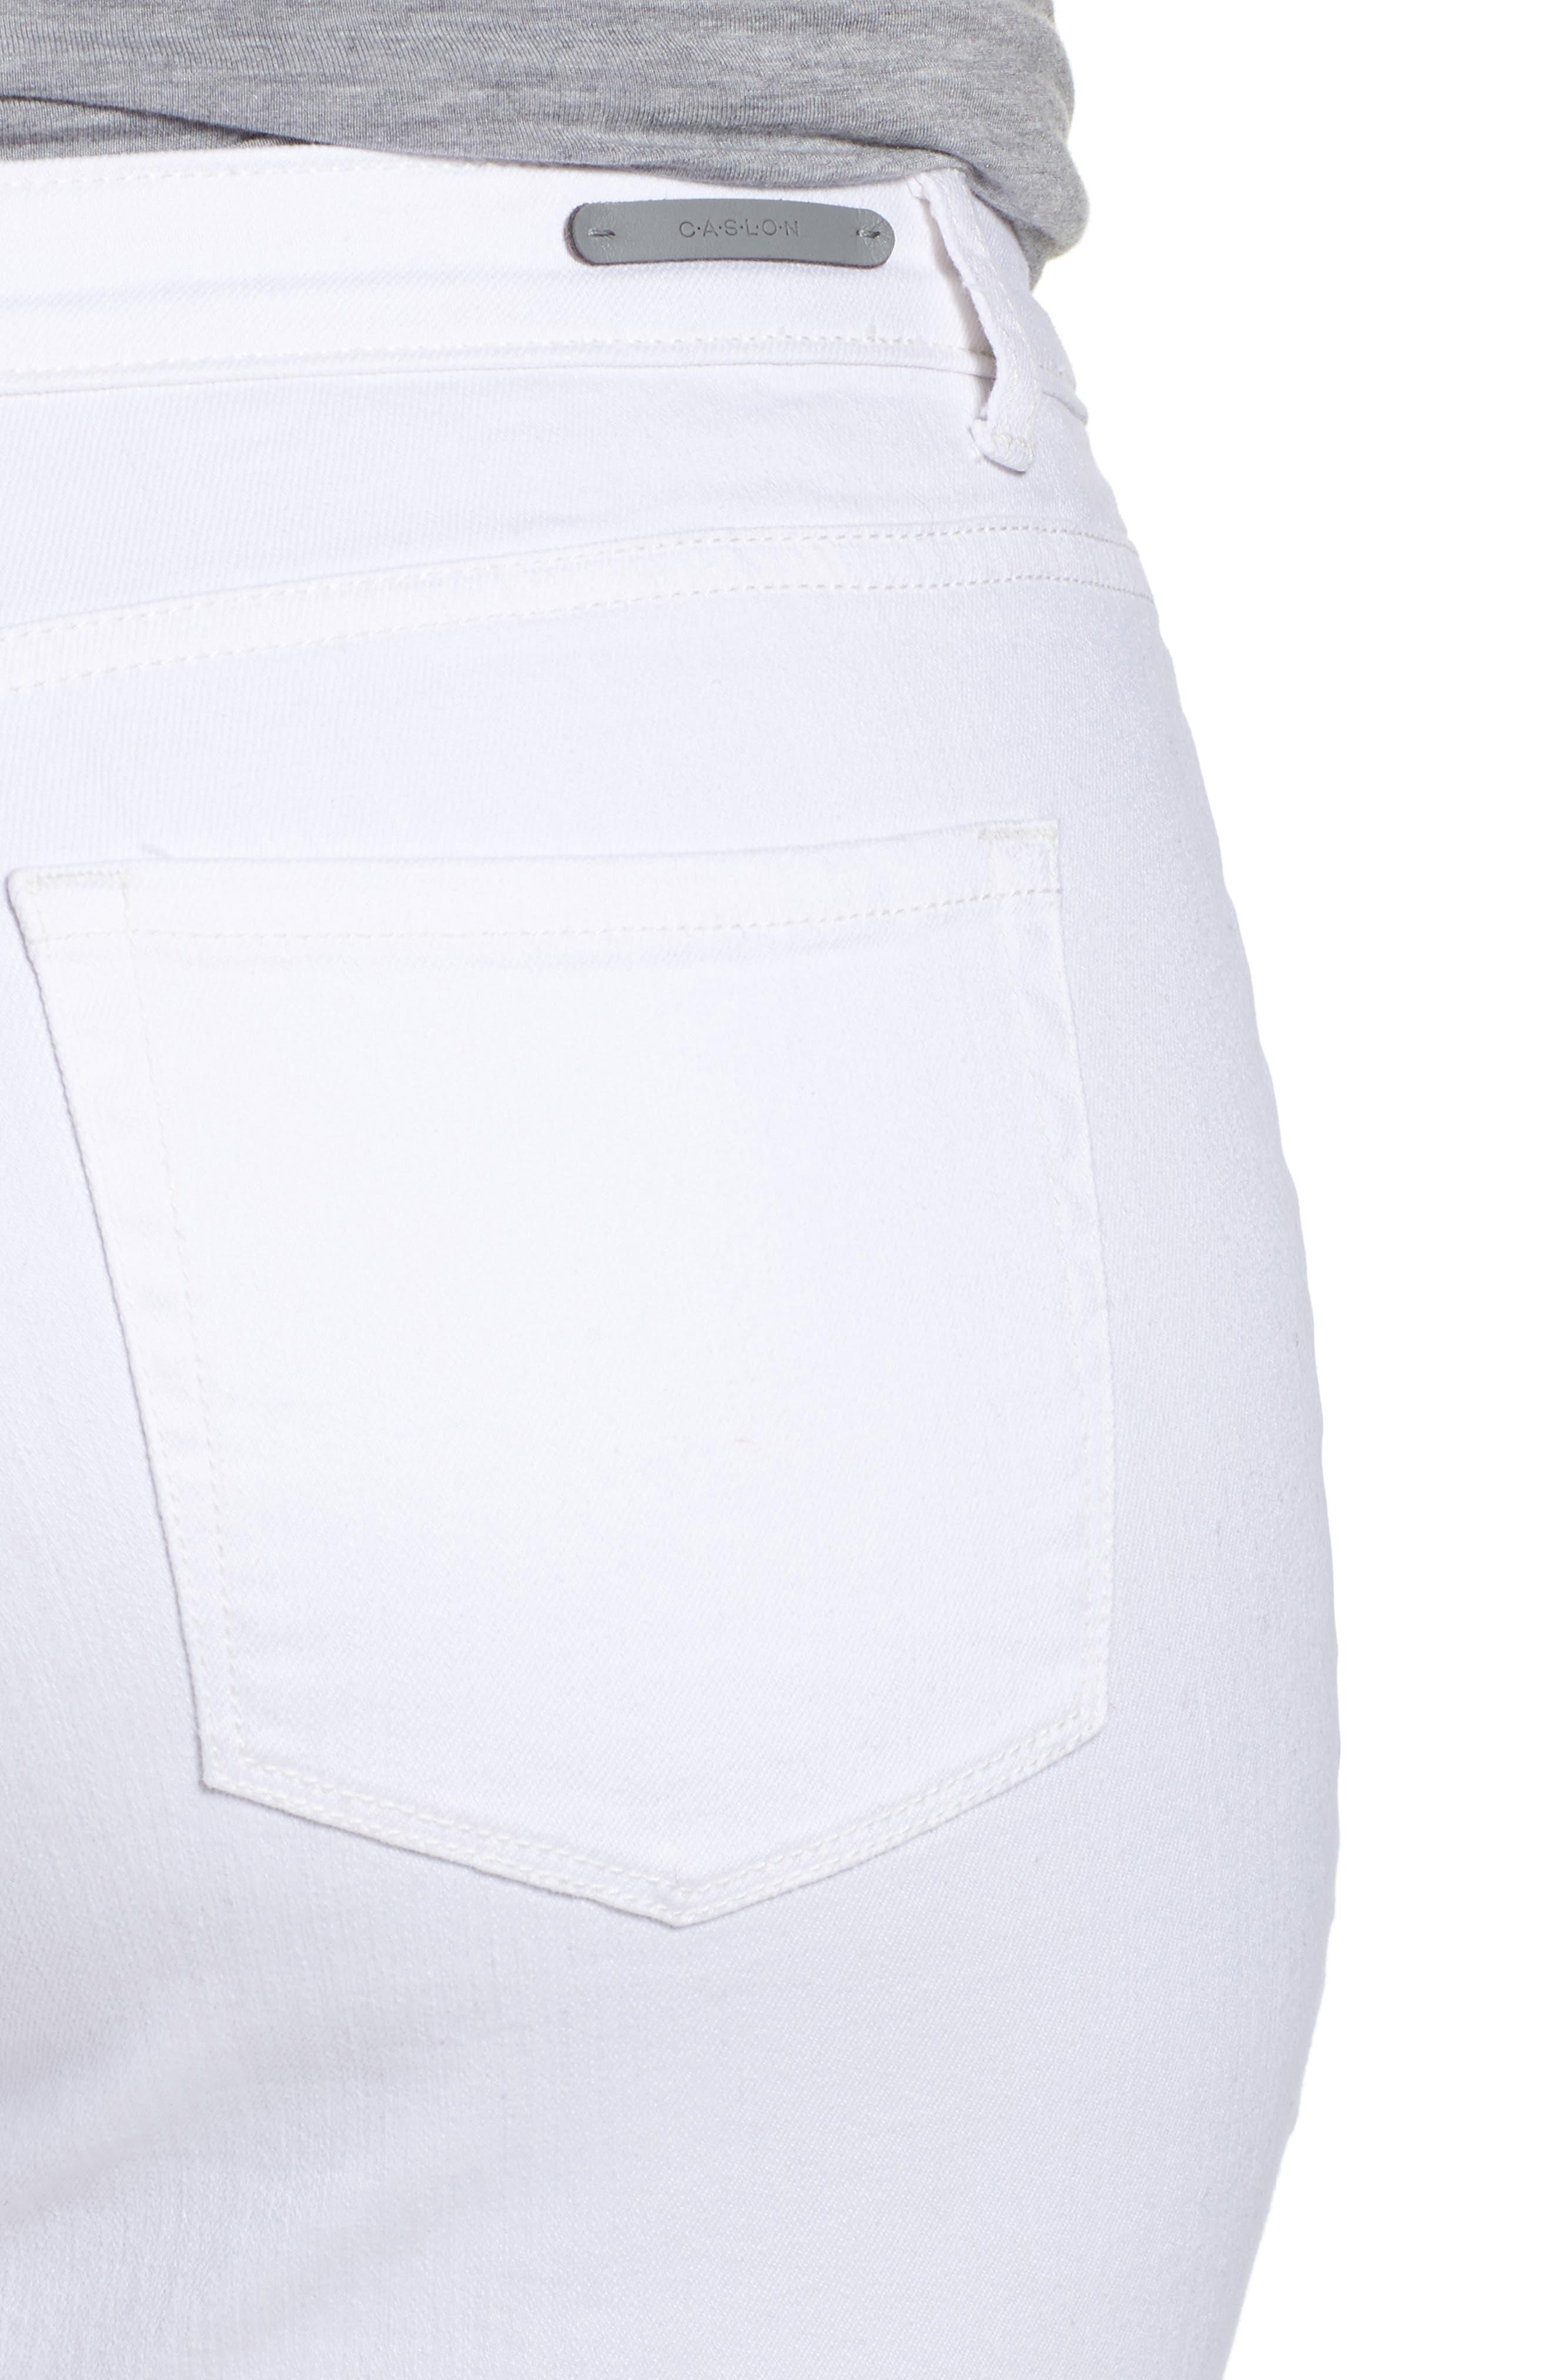 Release Hem Skinny Jeans,                             Alternate thumbnail 4, color,                             White